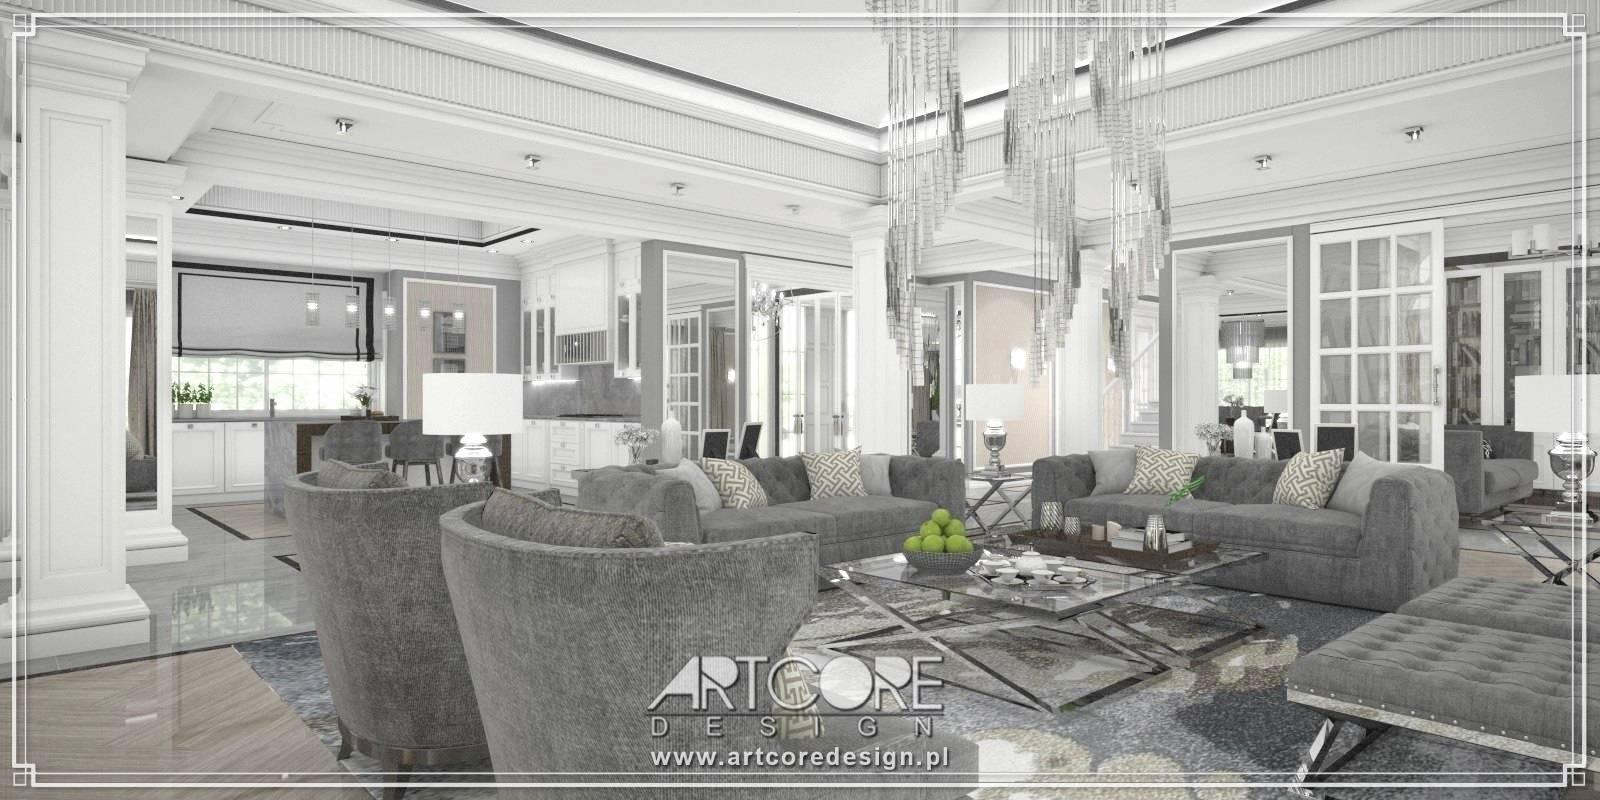 projektant wnętrz salon z jadalnią klasyczny glamour